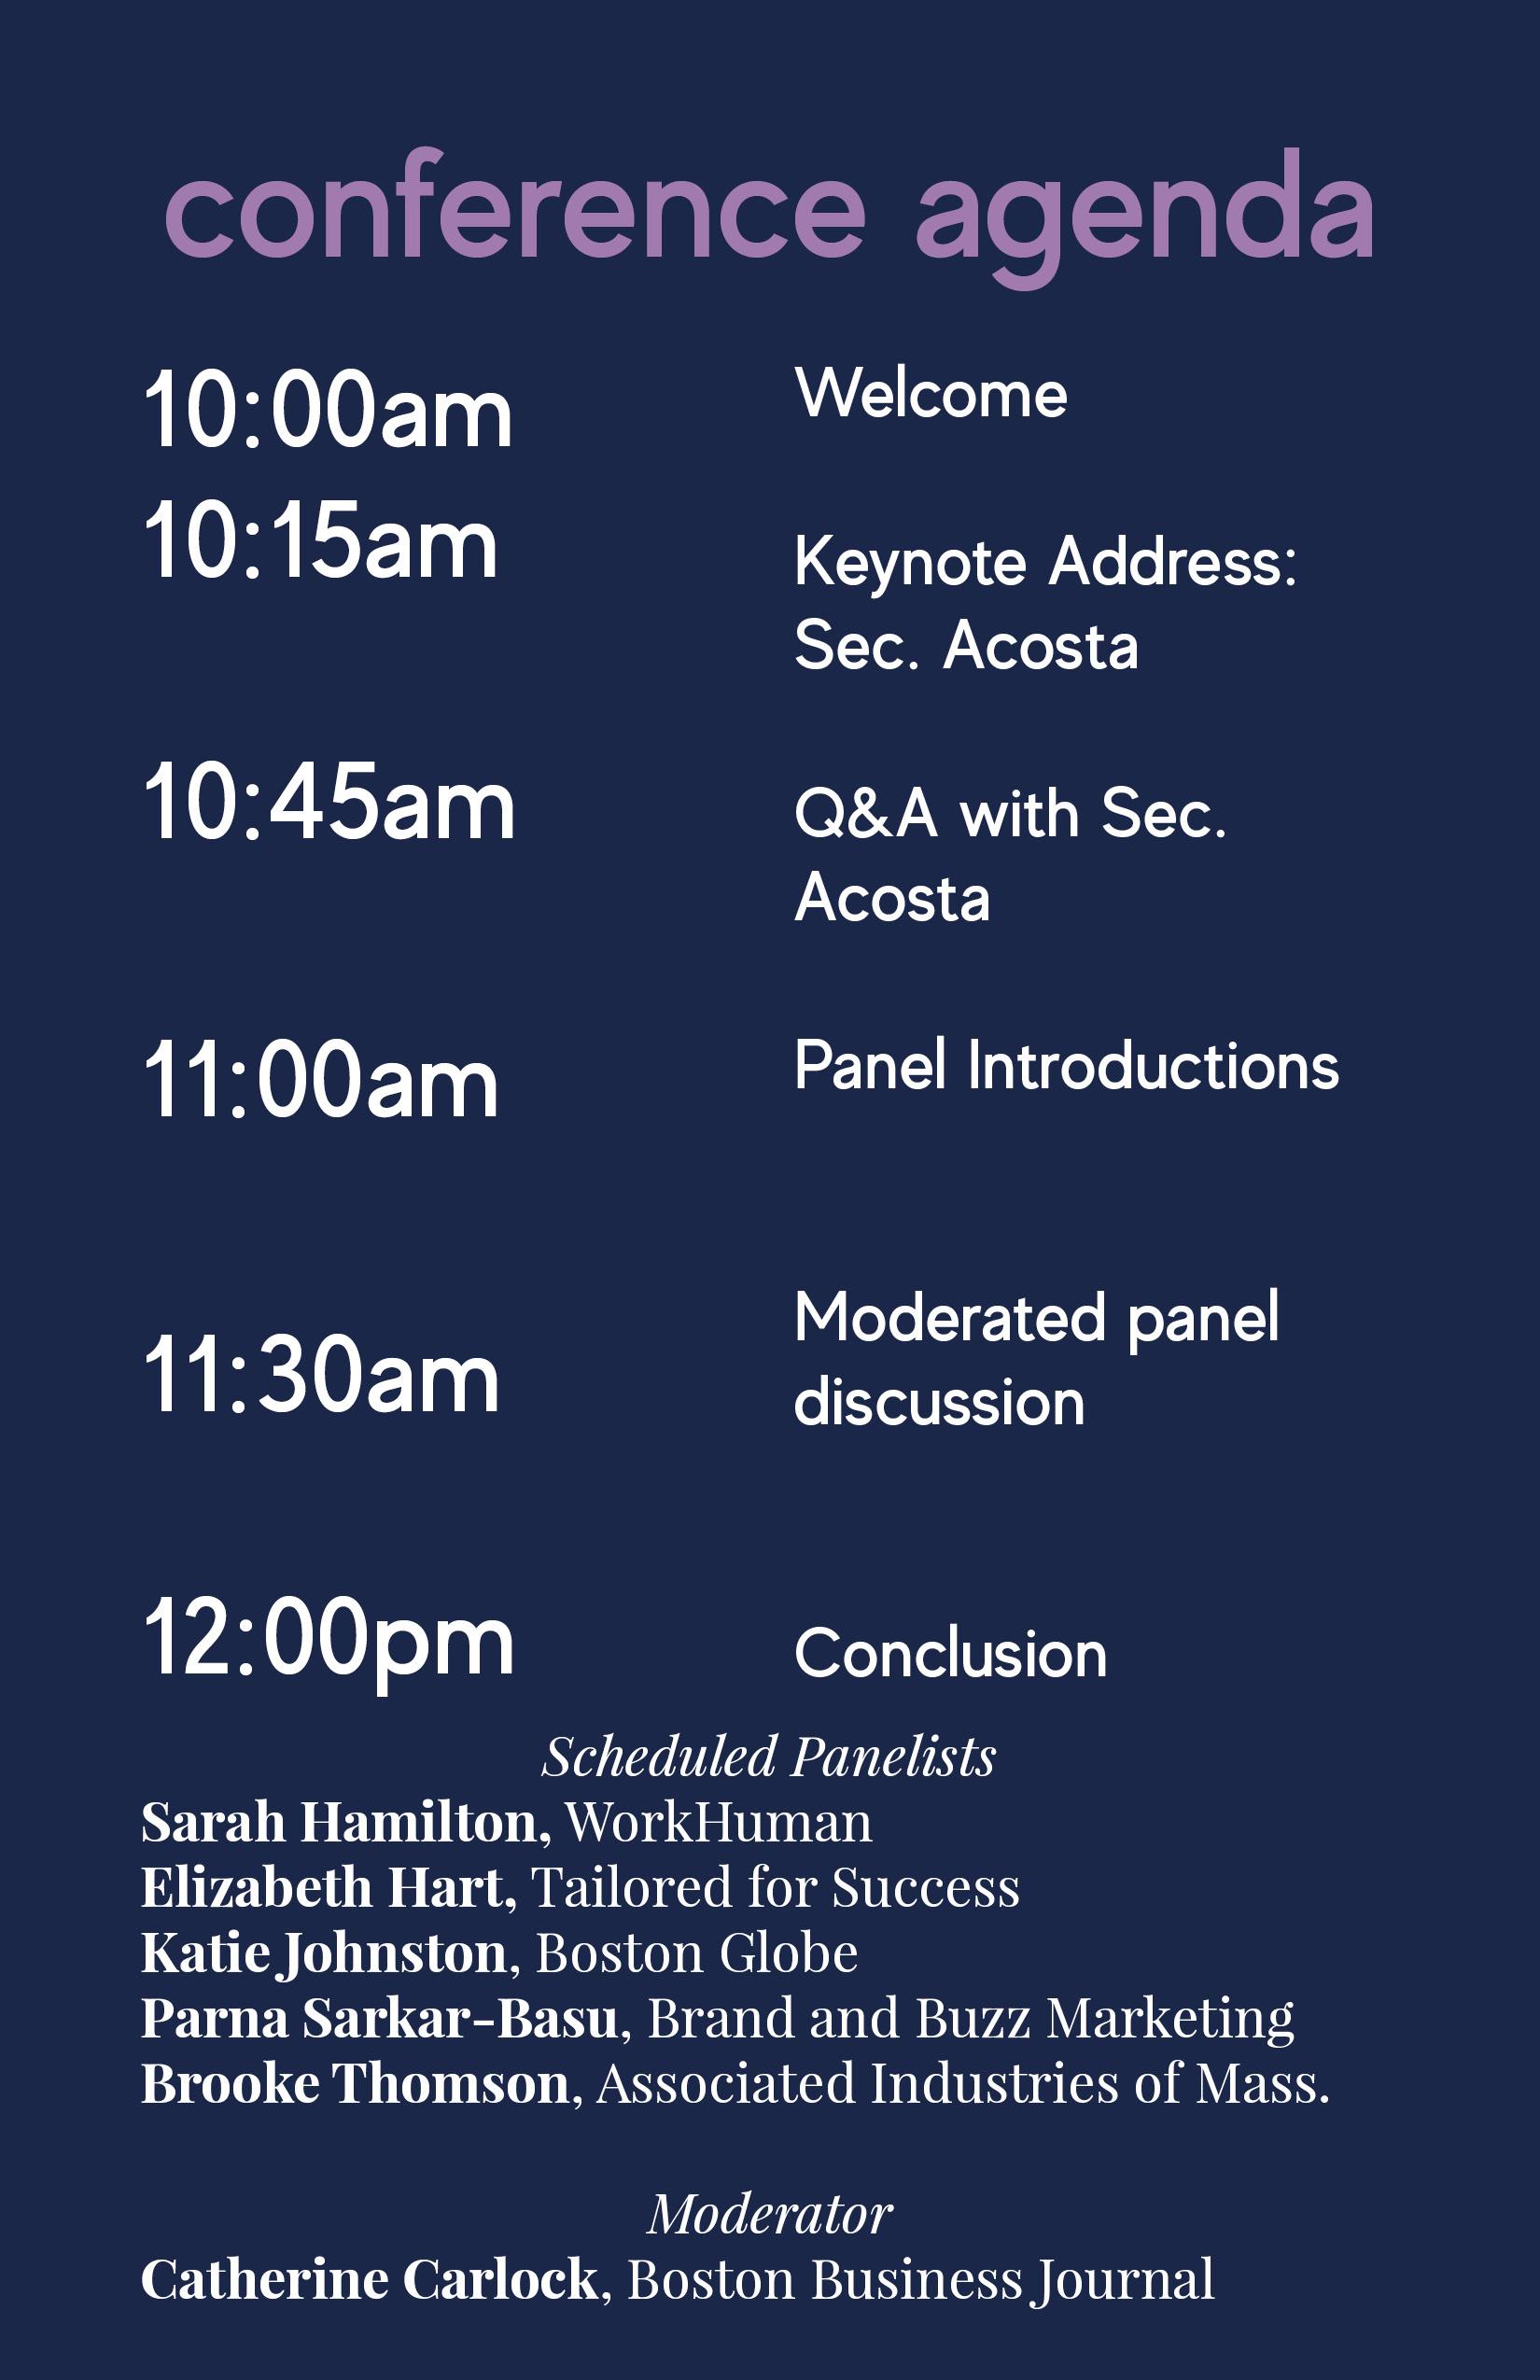 Agenda-Side-Panel.jpg